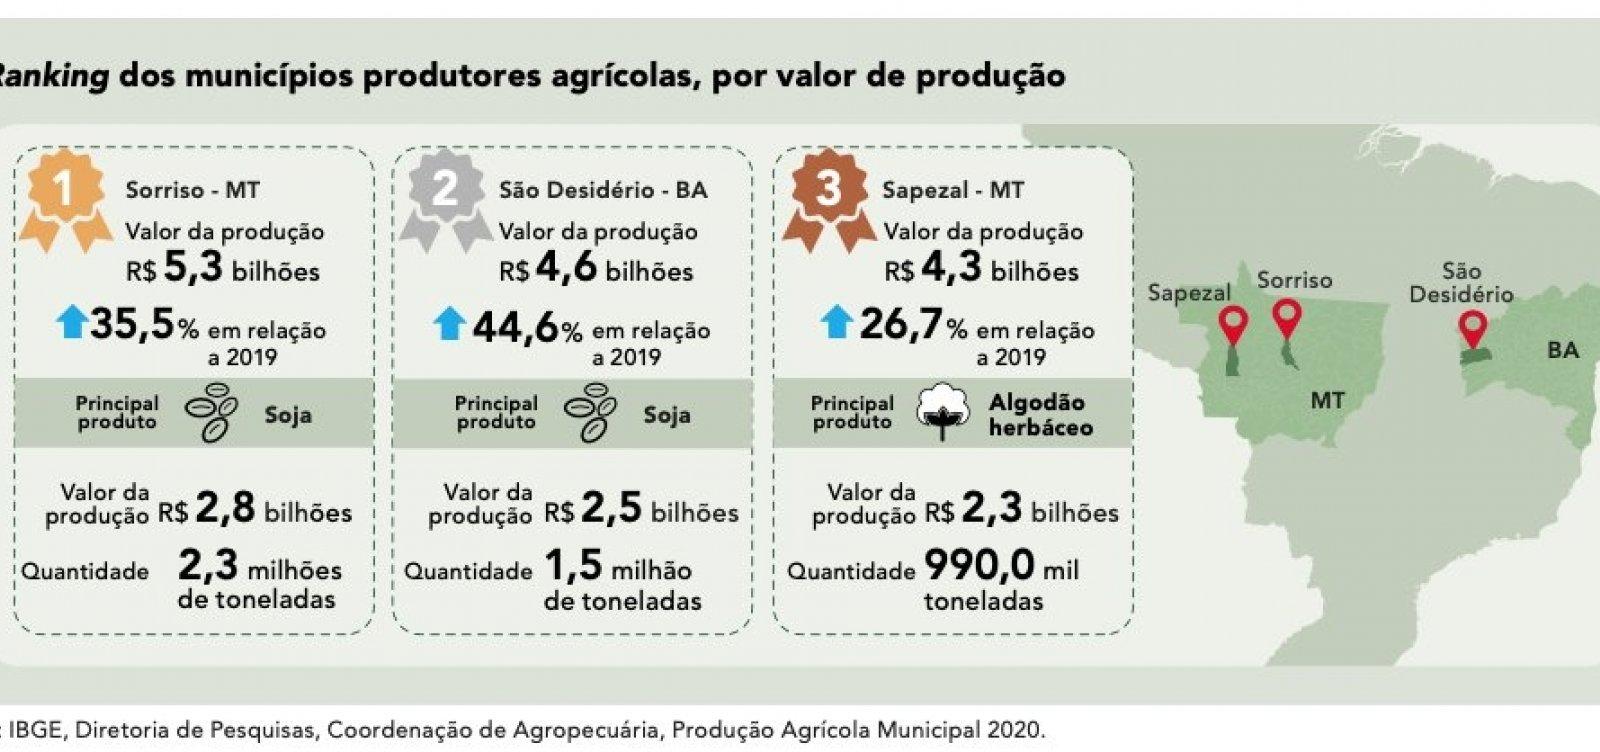 Município baiano tem o 2º maior valor gerado com produção agrícola no país